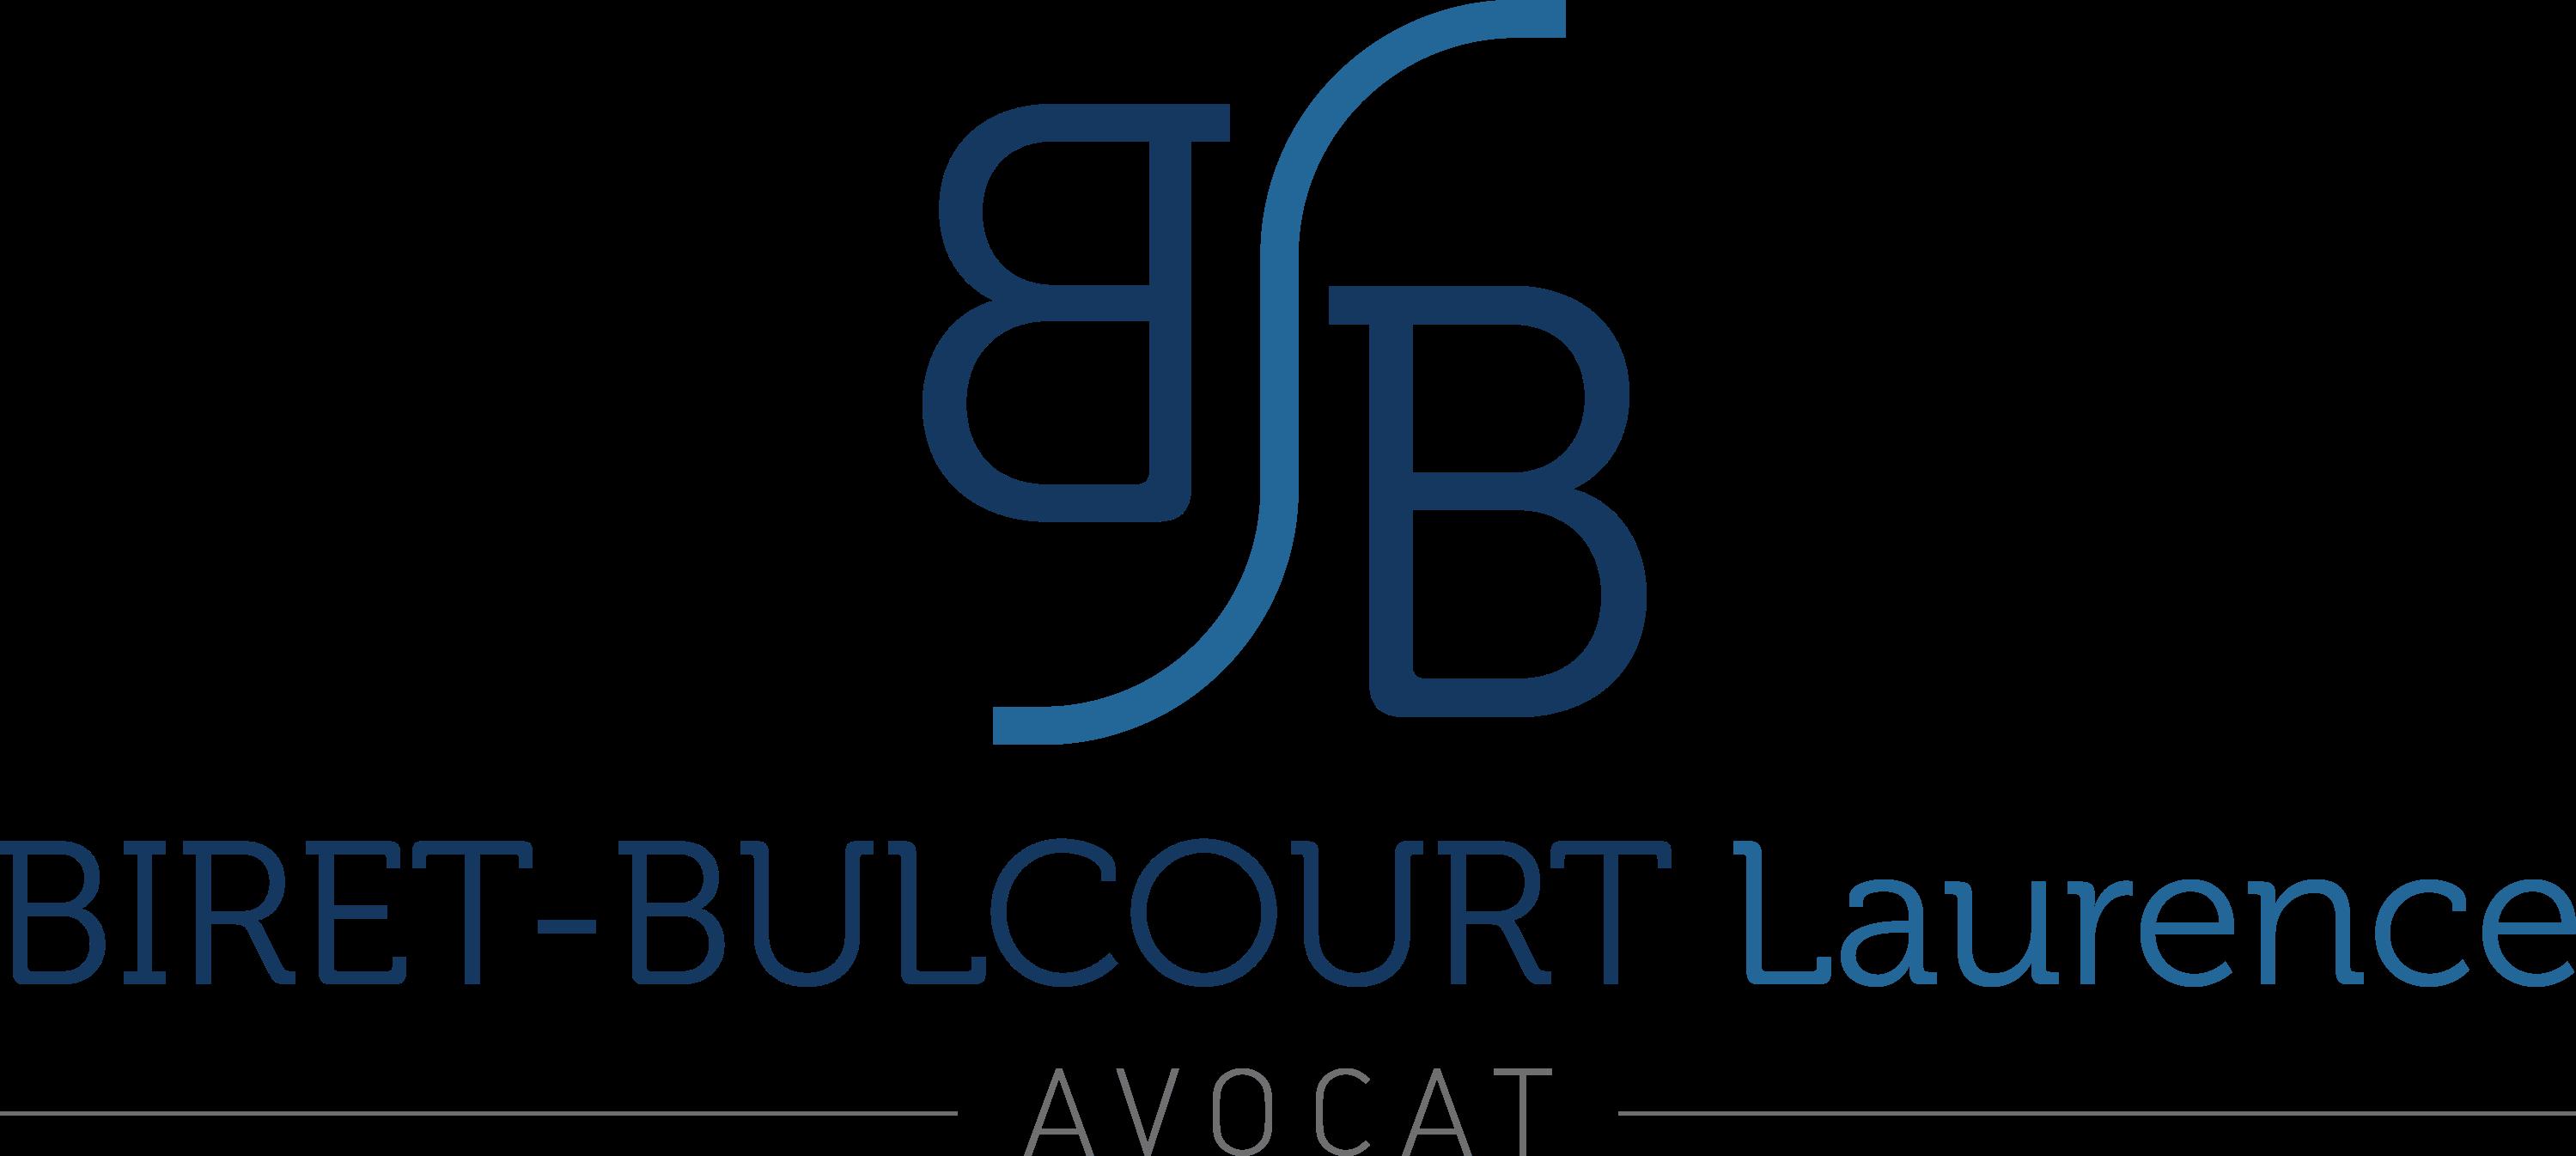 Logo de BIRET BULCOURT, votre cabinet d'avocat aux Sables d'Olonne, La Roche sur Yon et Les Herbiers